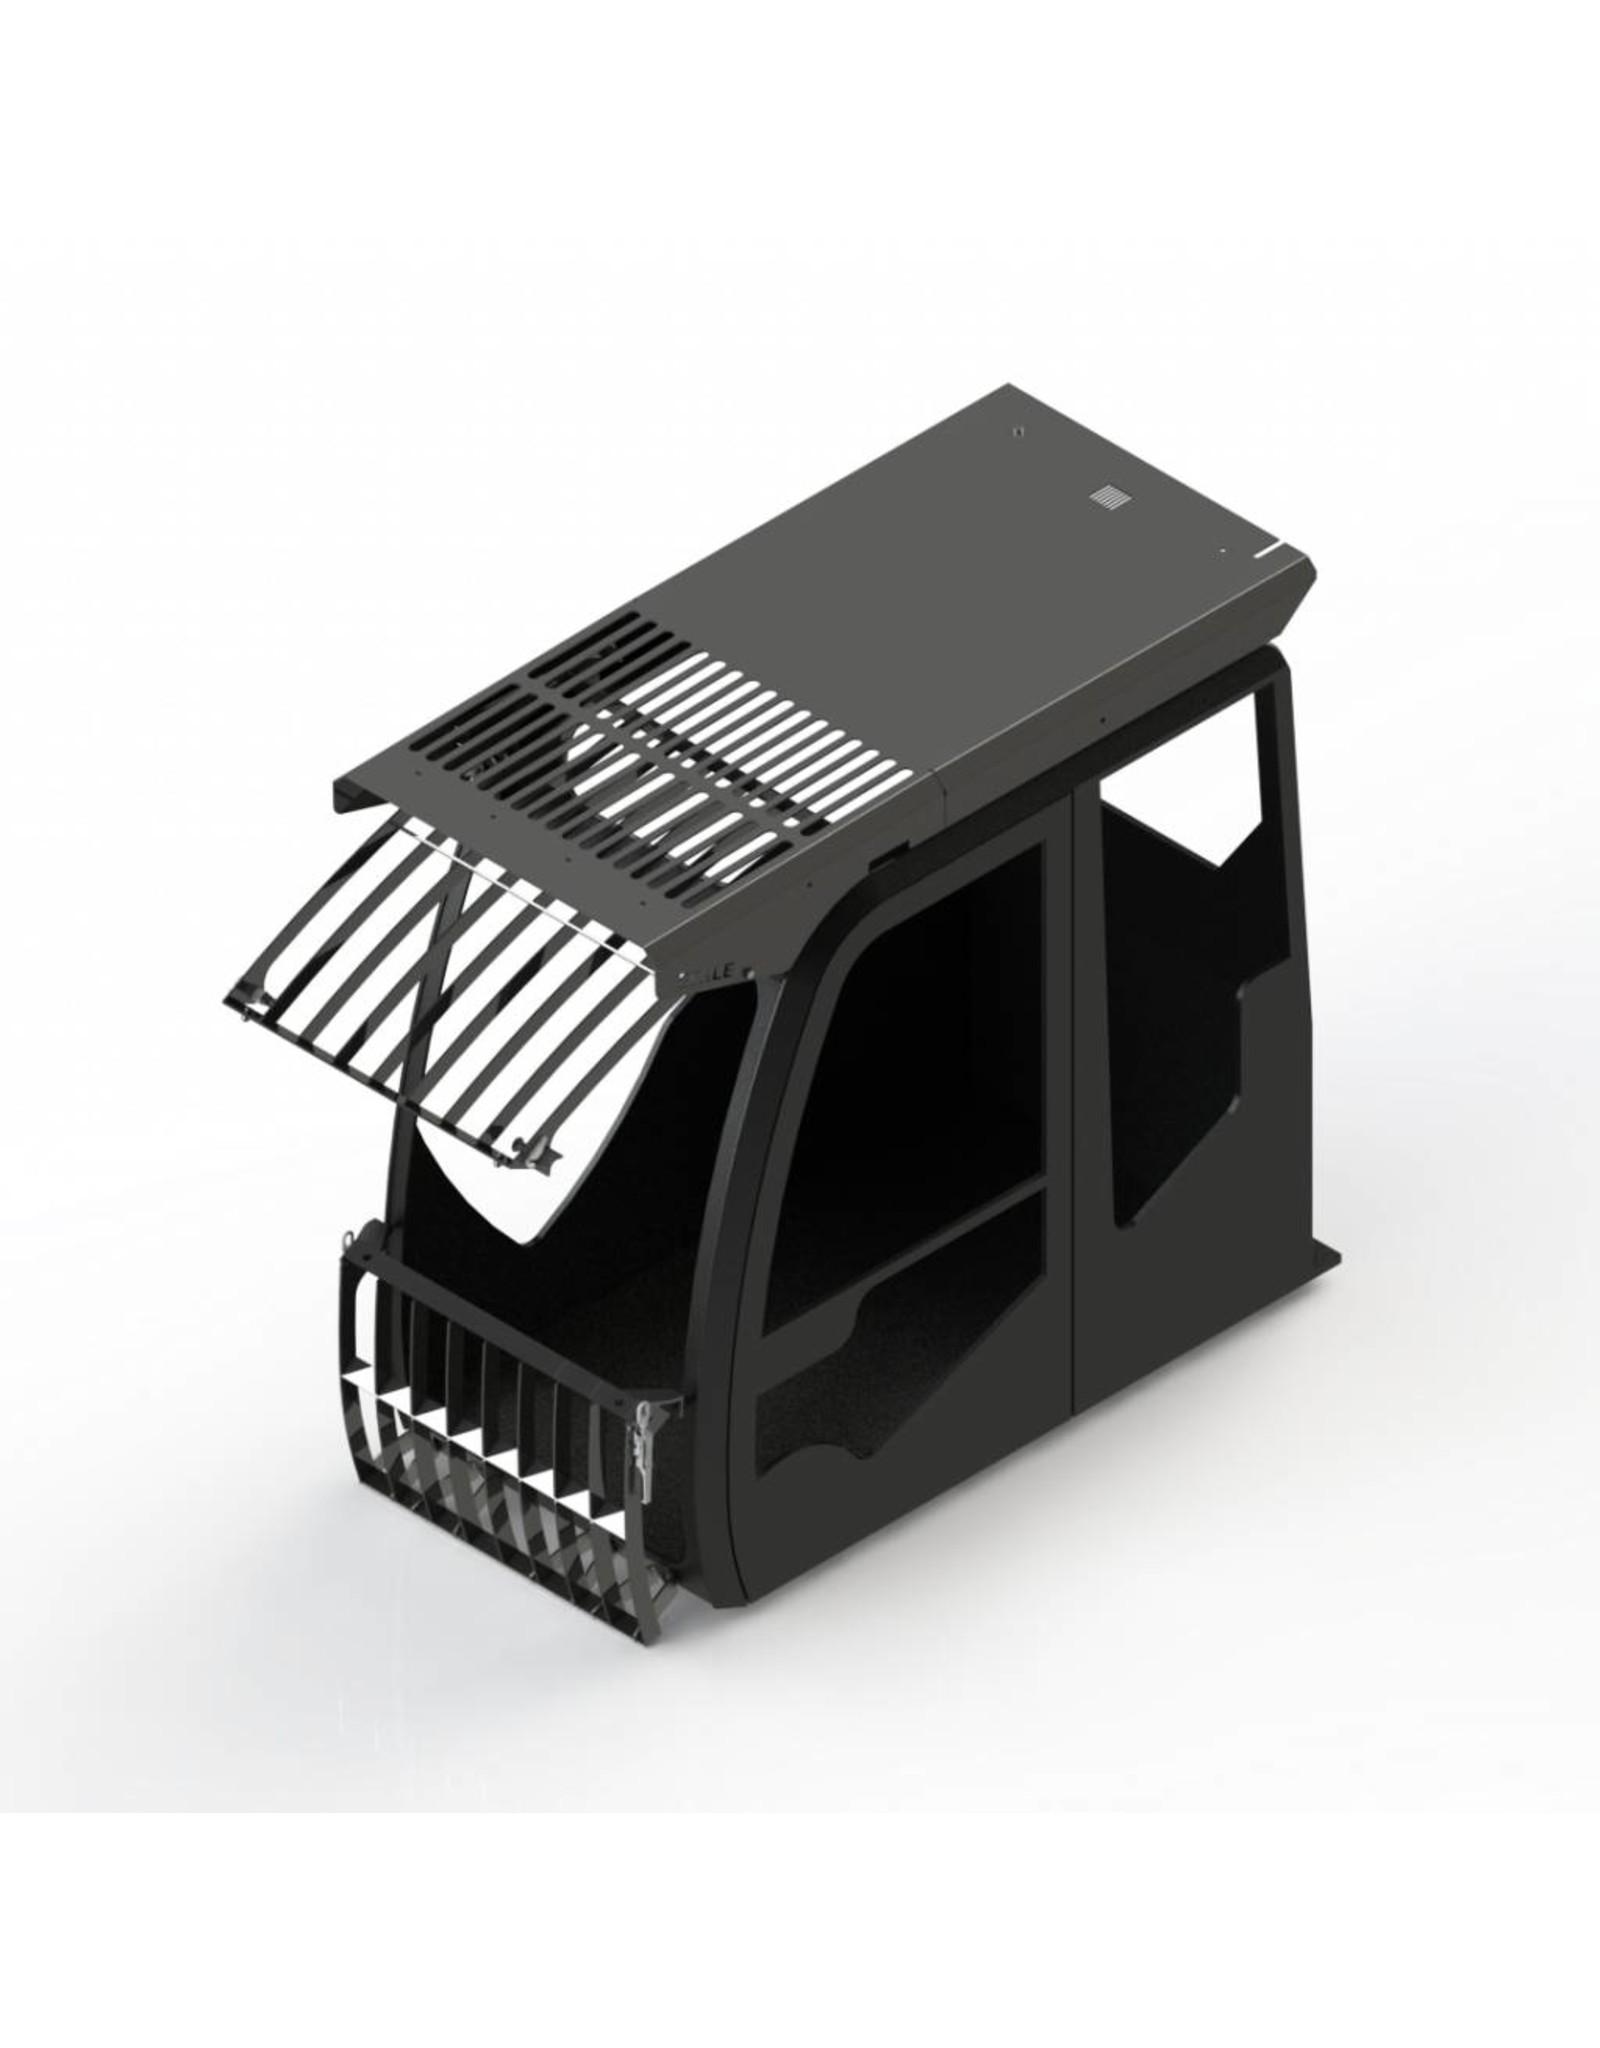 Echle Hartstahl GmbH FOPS pour Doosan DX340LC-5